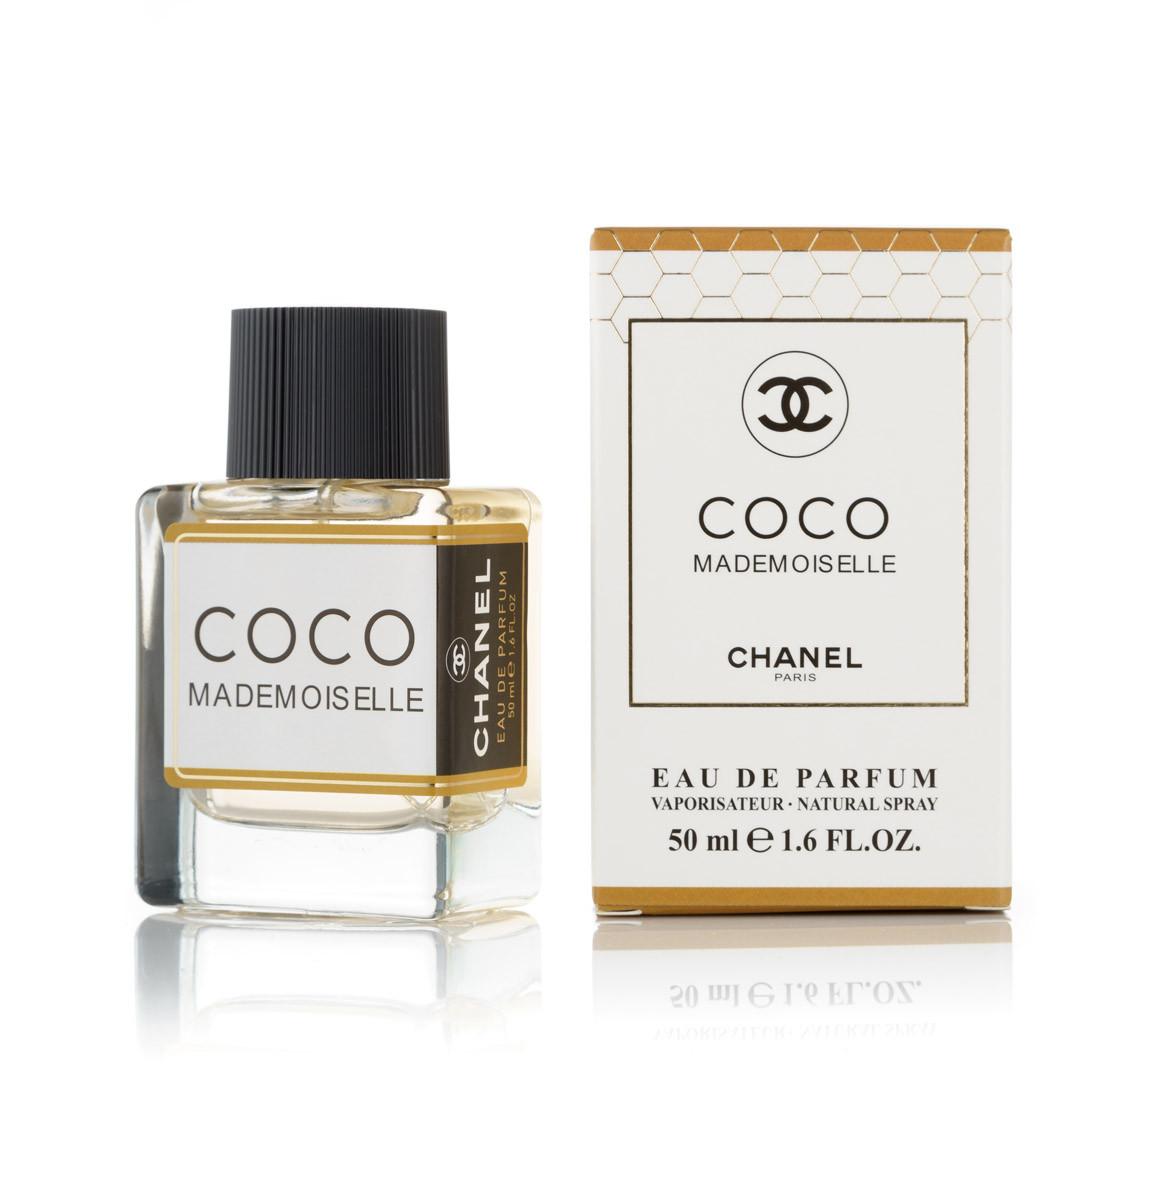 50 мл мини парфюм Coco Mademoiselle  - Ж (код: 420)